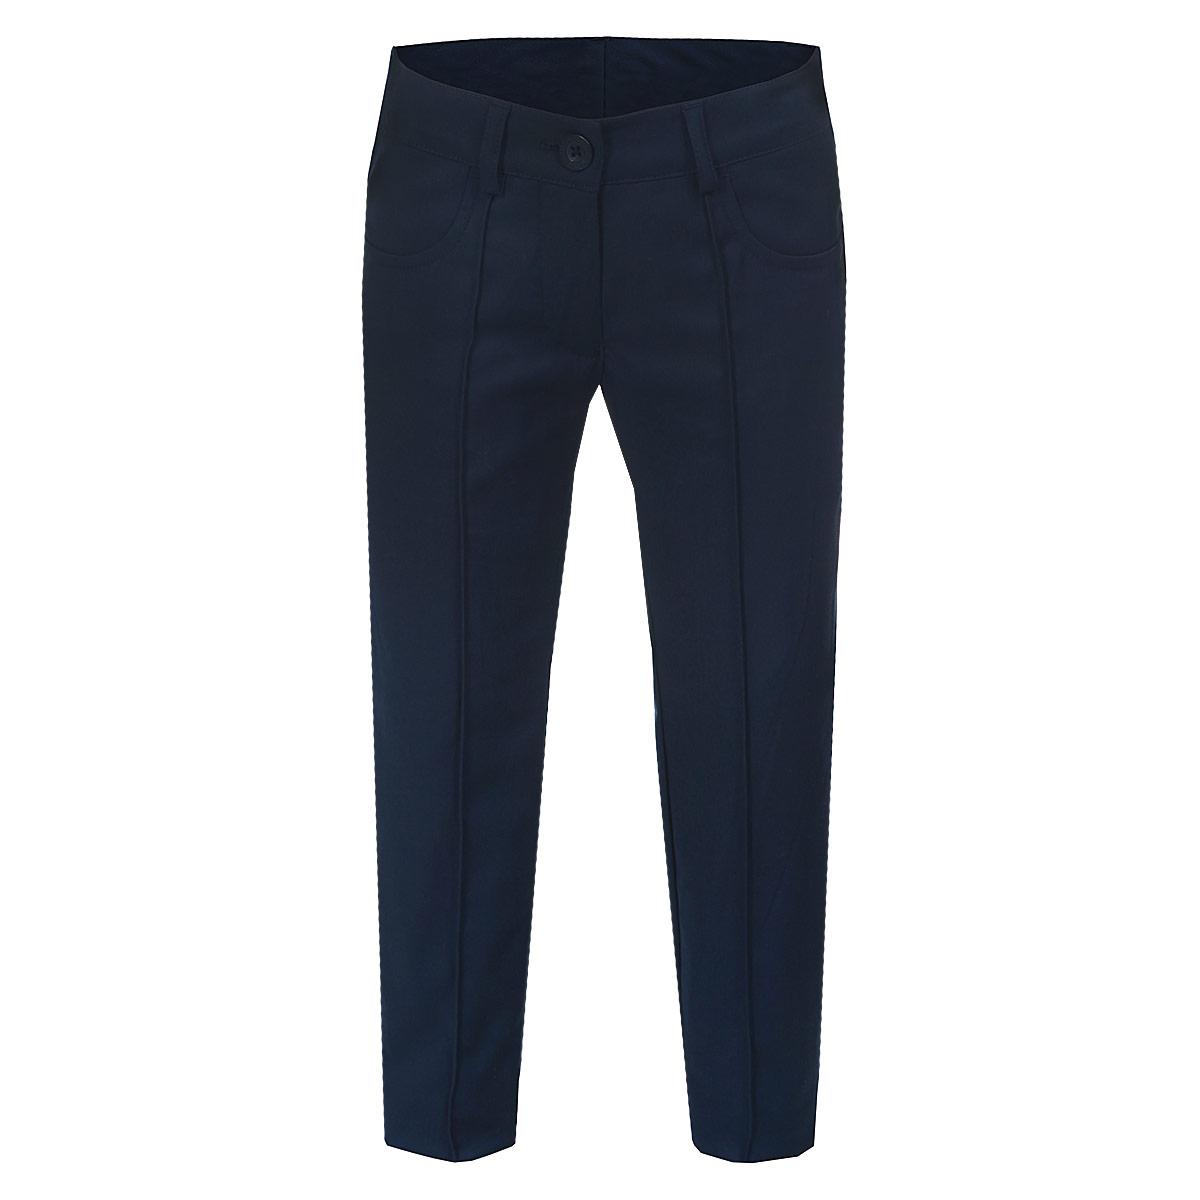 Брюки для девочки. 215BBGS63215BBGS6301Стильные брюки для девочки Button Blue идеально подойдут для школы и повседневной носки. Изготовленные из плотного материала, они необычайно мягкие и приятные на ощупь, не сковывают движения и позволяют коже дышать, обеспечивая наибольший комфорт. Брюки слегка зауженного кроя с застроченными стрелками прекрасно сидят и хорошо держат форму. Модель застегивается на пуговицу в поясе и ширинку на молнии, предусмотрены шлевки для ремня. Сзади на поясе изделие оформлено вышитой надписью с названием бренда. Спереди брюки дополнены двумя втачными карманами. Брючины оформлены небольшими отворотами. Такие брюки будут прекрасно сочетаться с различными блузками и пиджаками. Однотонные брюки классического покроя - отличный выбор для школьного гардероба.